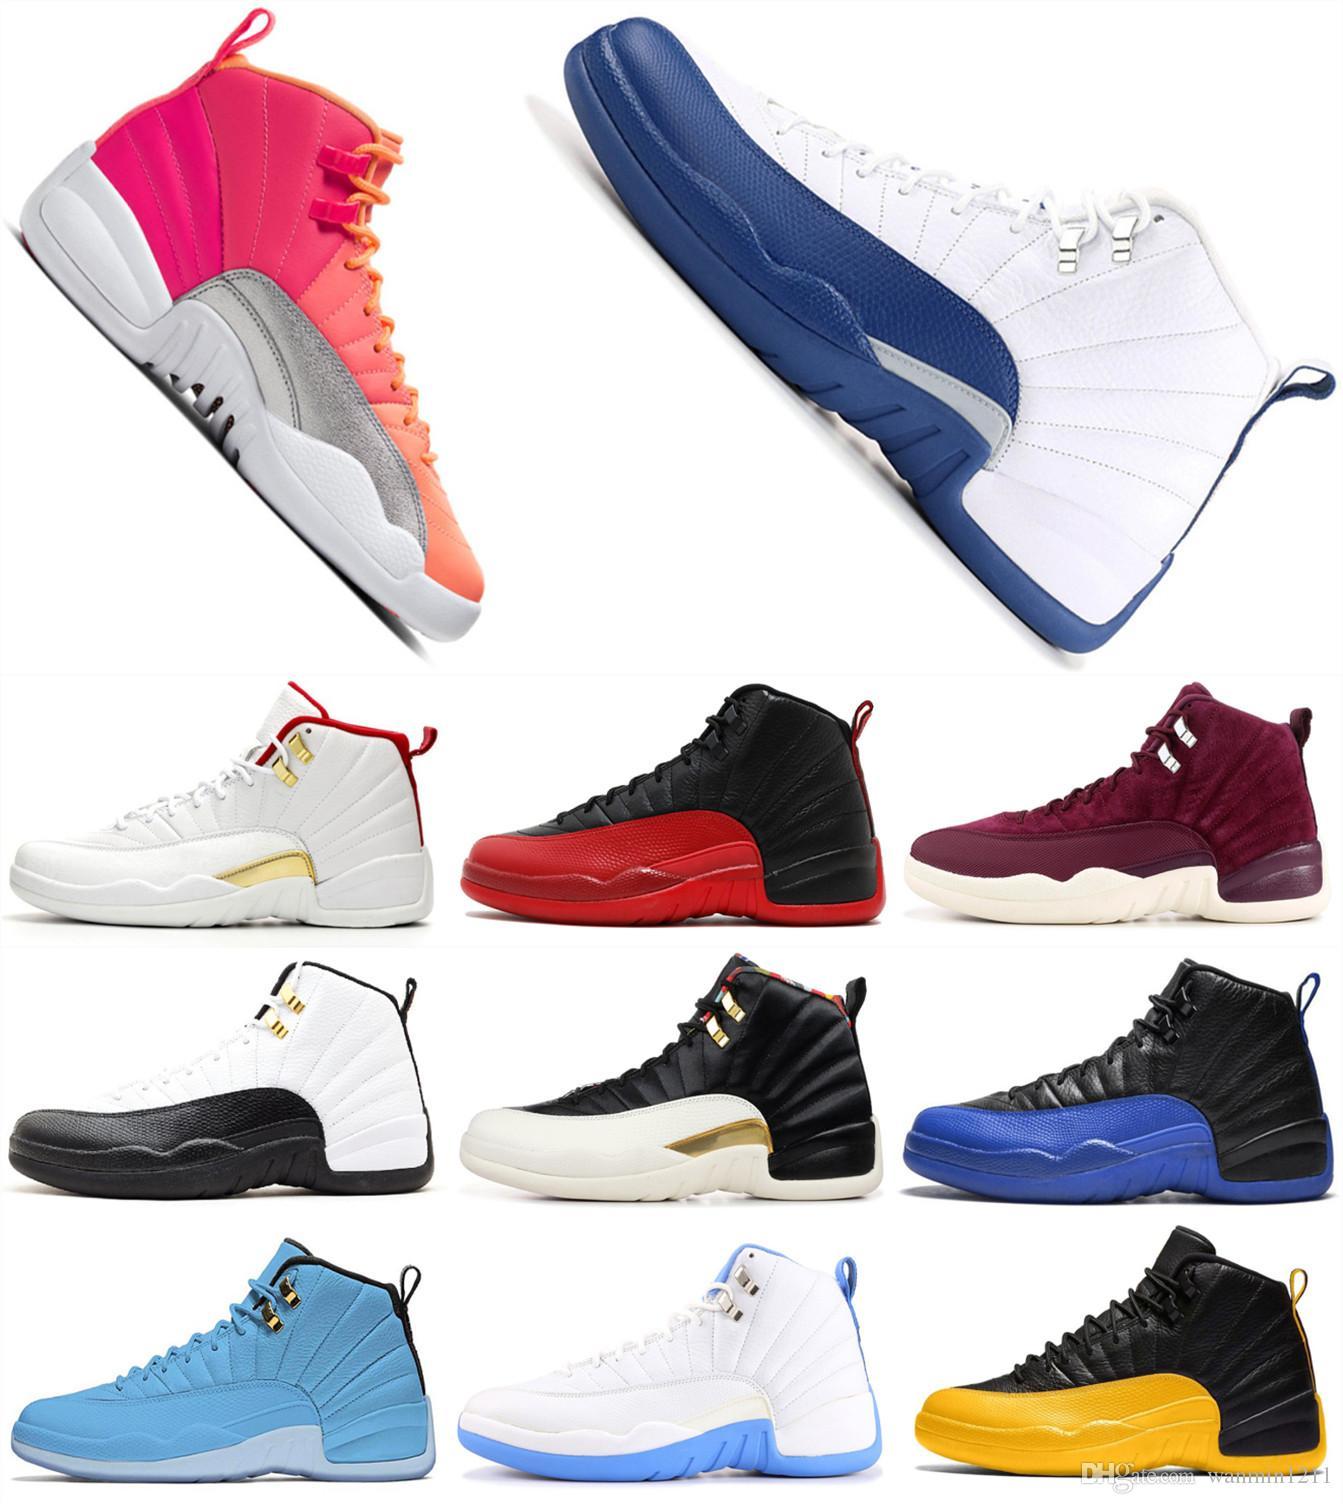 NIKE AIR JORDAN RETRO Yeni 12 XXI PSNY Tüm Gri Erkek Basketbol Ayakkabı Erkekler Yüksek Üst Kamu Okul 12 s Spor Sneakers Için 2018 Satış